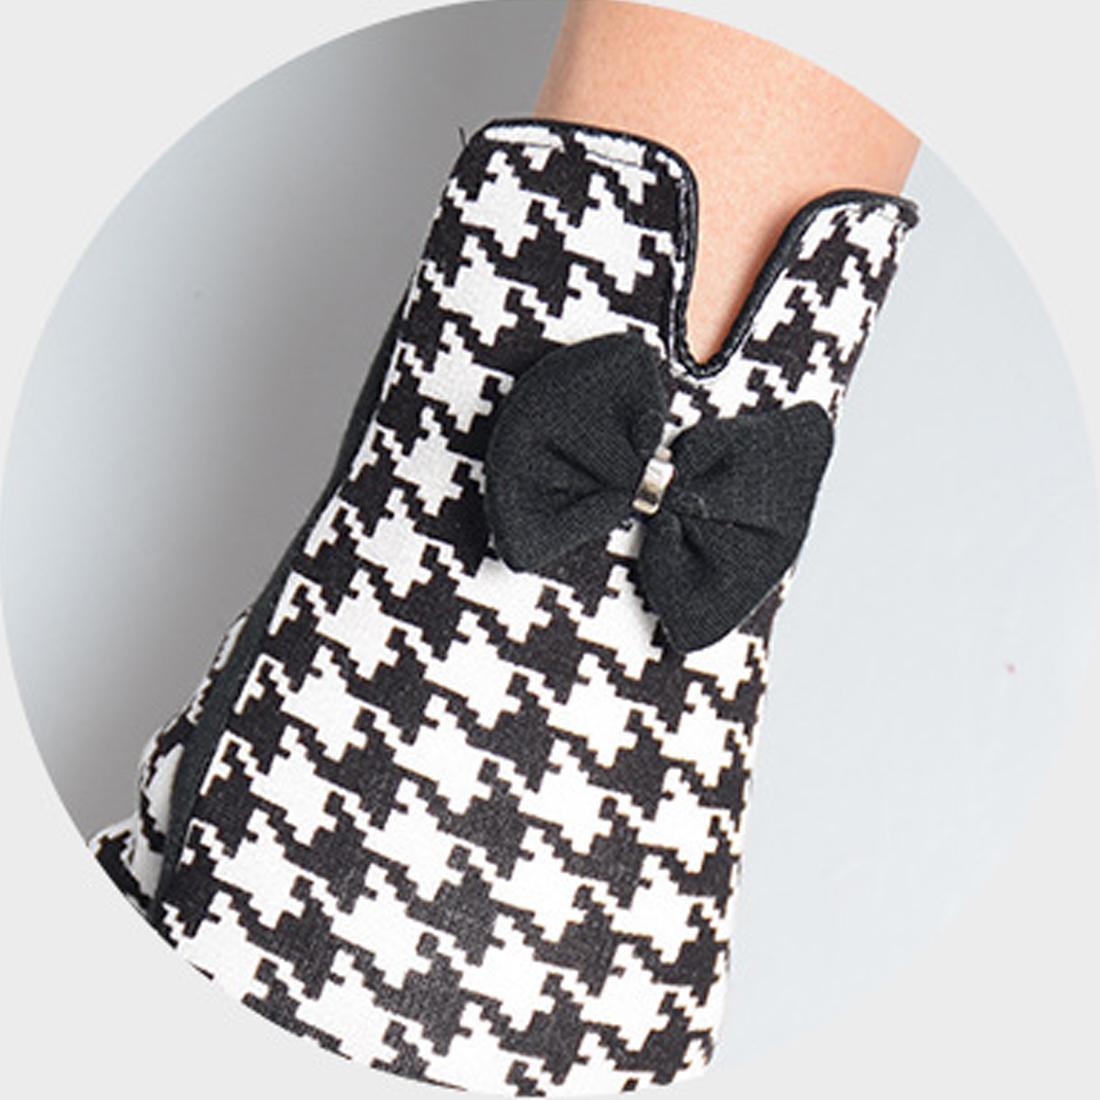 [해외]블랙 화이트 격자 무늬 여성 장갑 따뜻한 겨울 장갑 2017 격자 Guantes Bowknot Mitaine 장갑/Black White Plaid Female Gloves Warm Winter Mittens 2017 Lattice Guantes Bowknot M